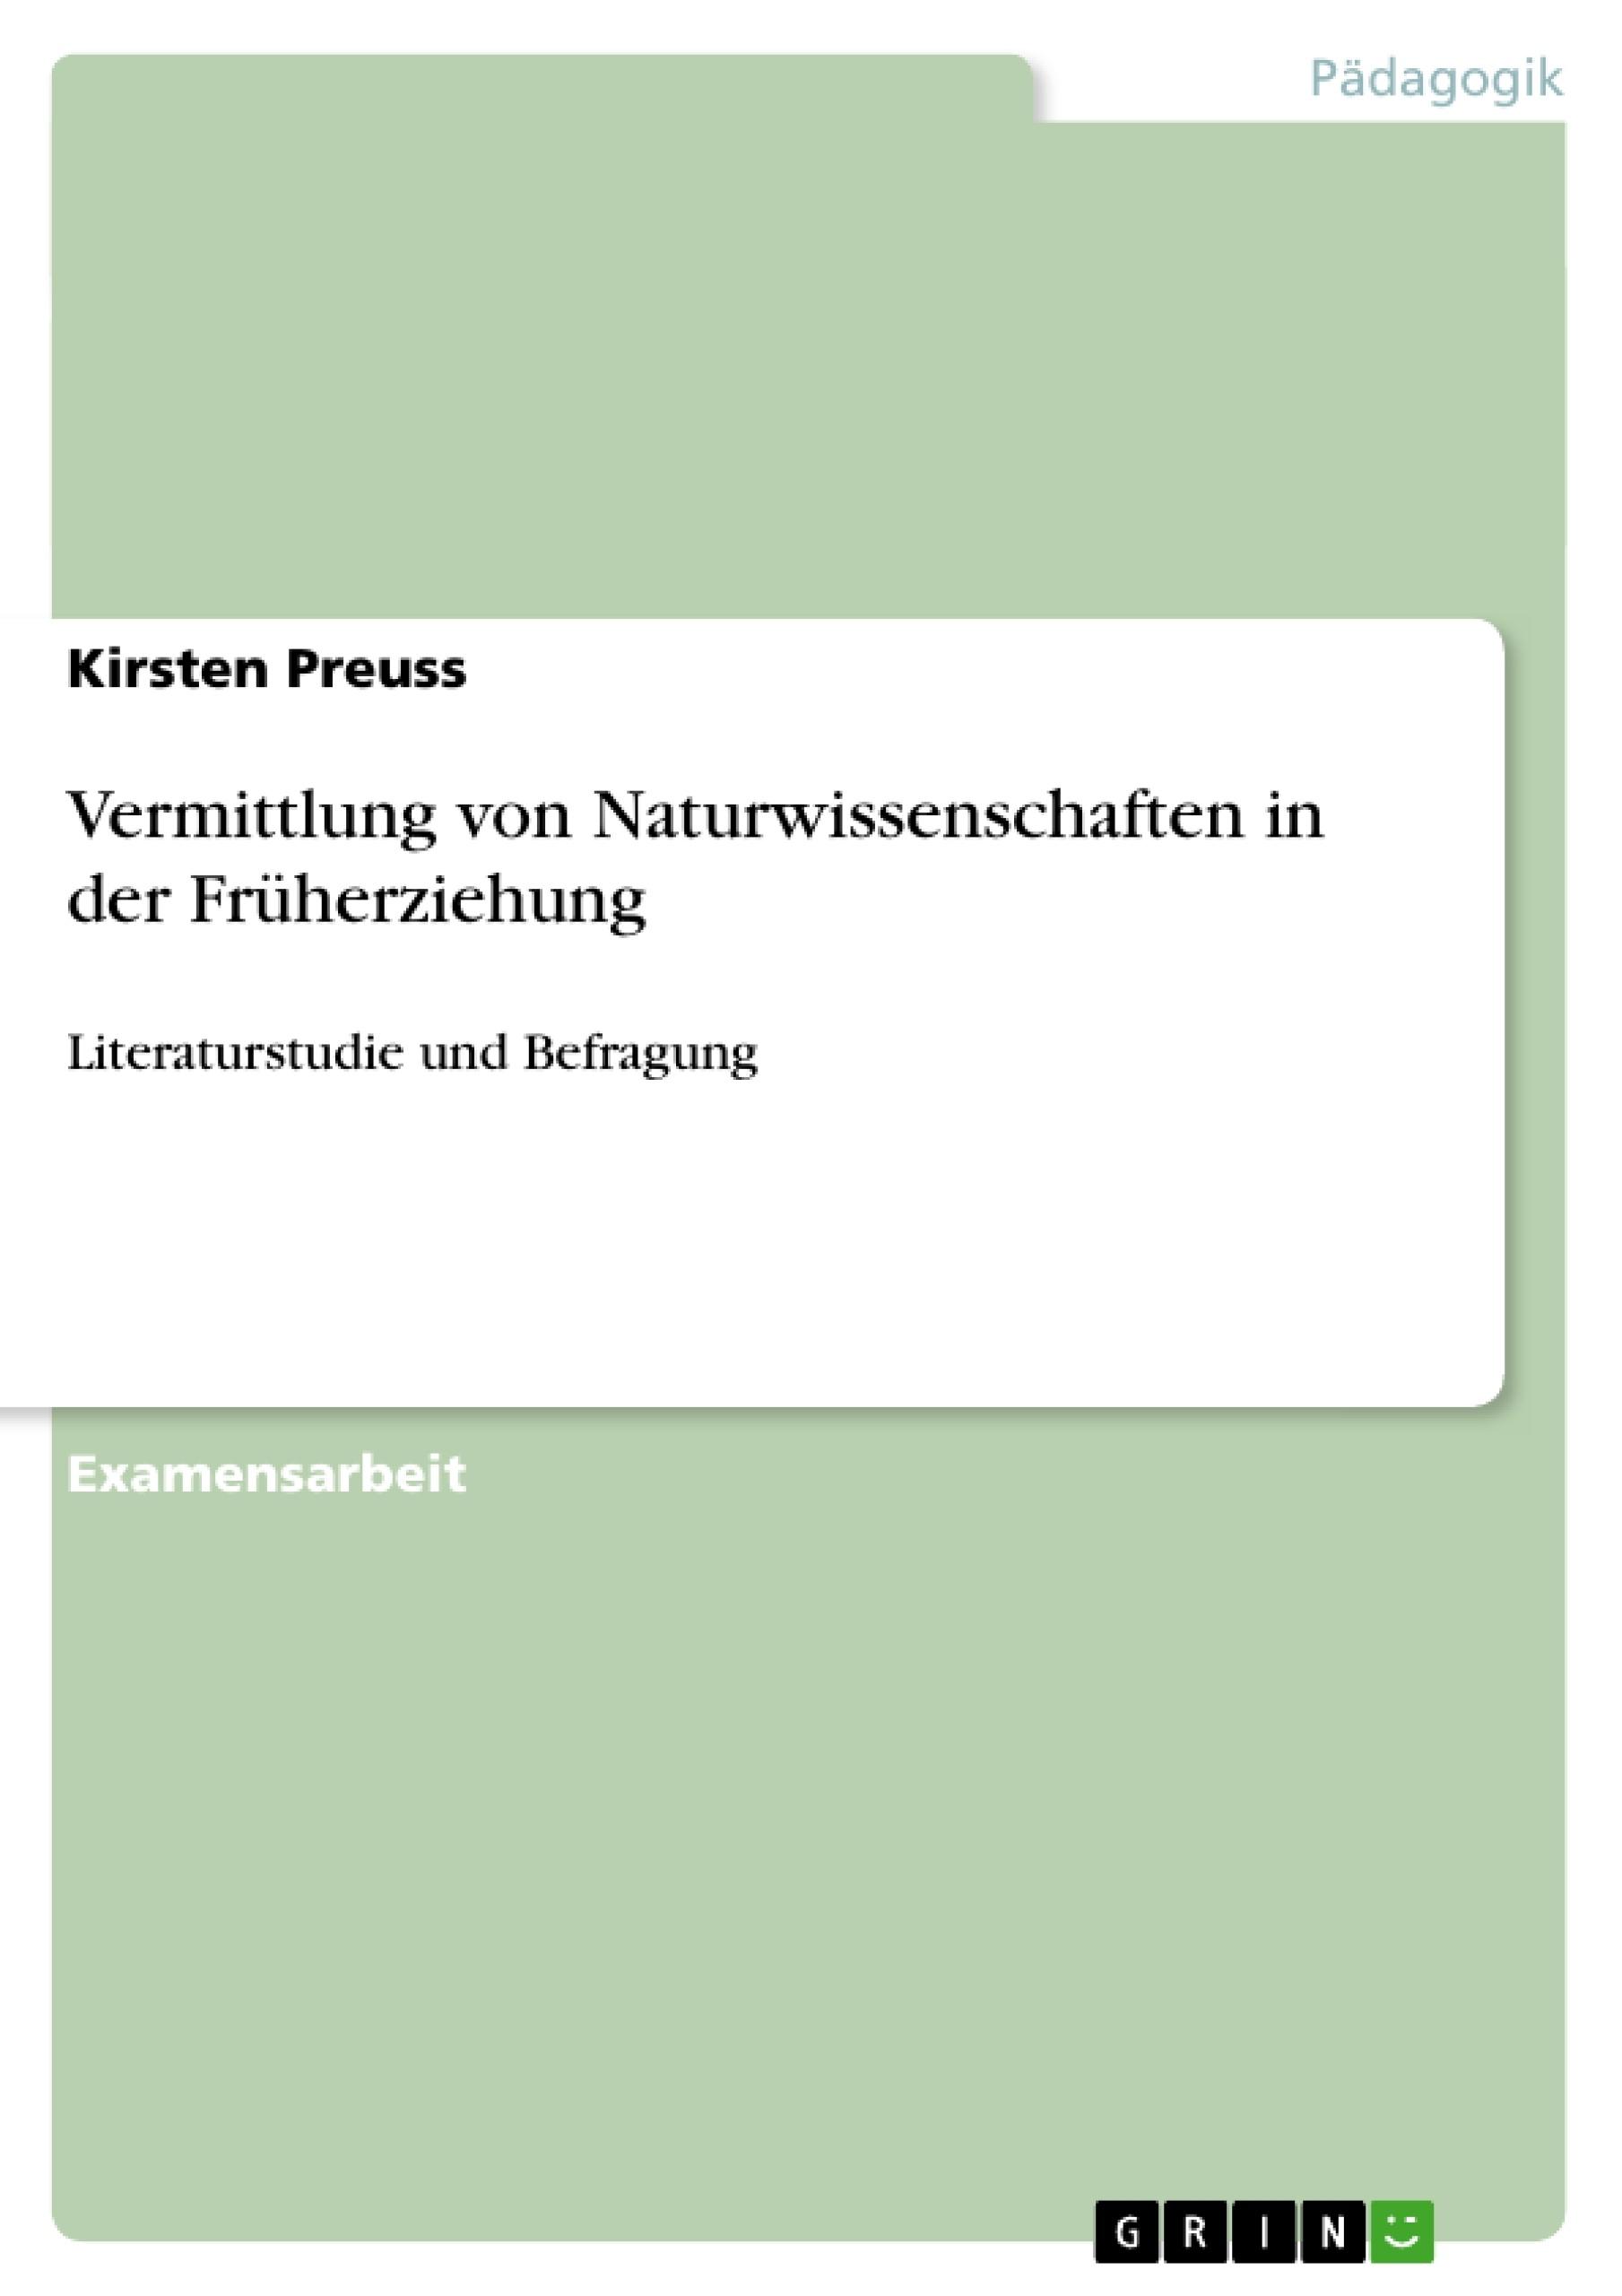 Titel: Vermittlung von Naturwissenschaften in der Früherziehung